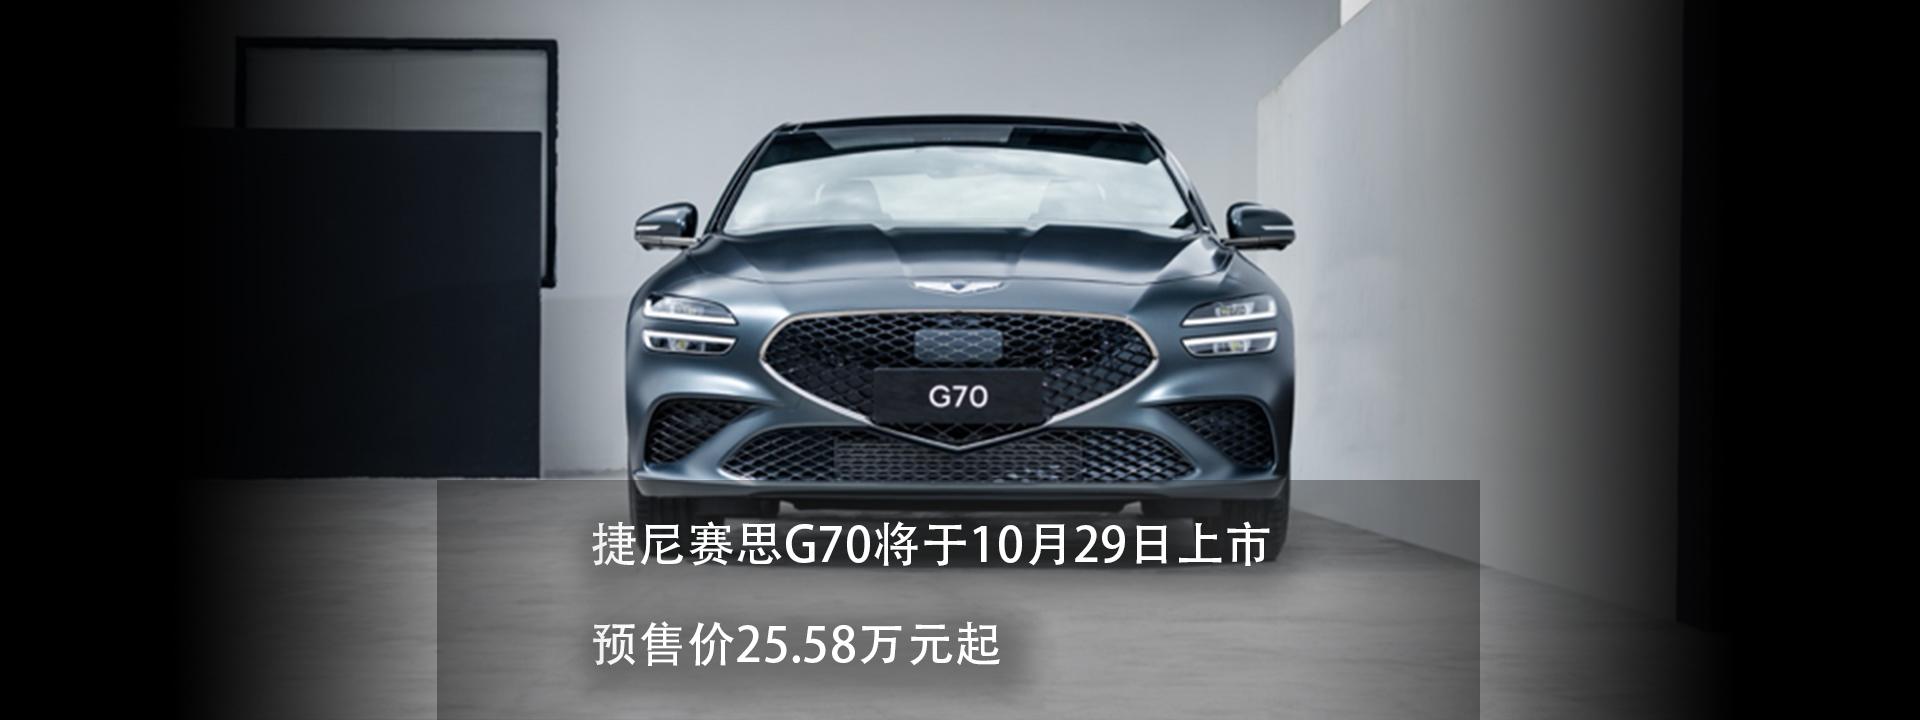 捷尼赛思G70将于10月29日上市 预售价25.58万元起